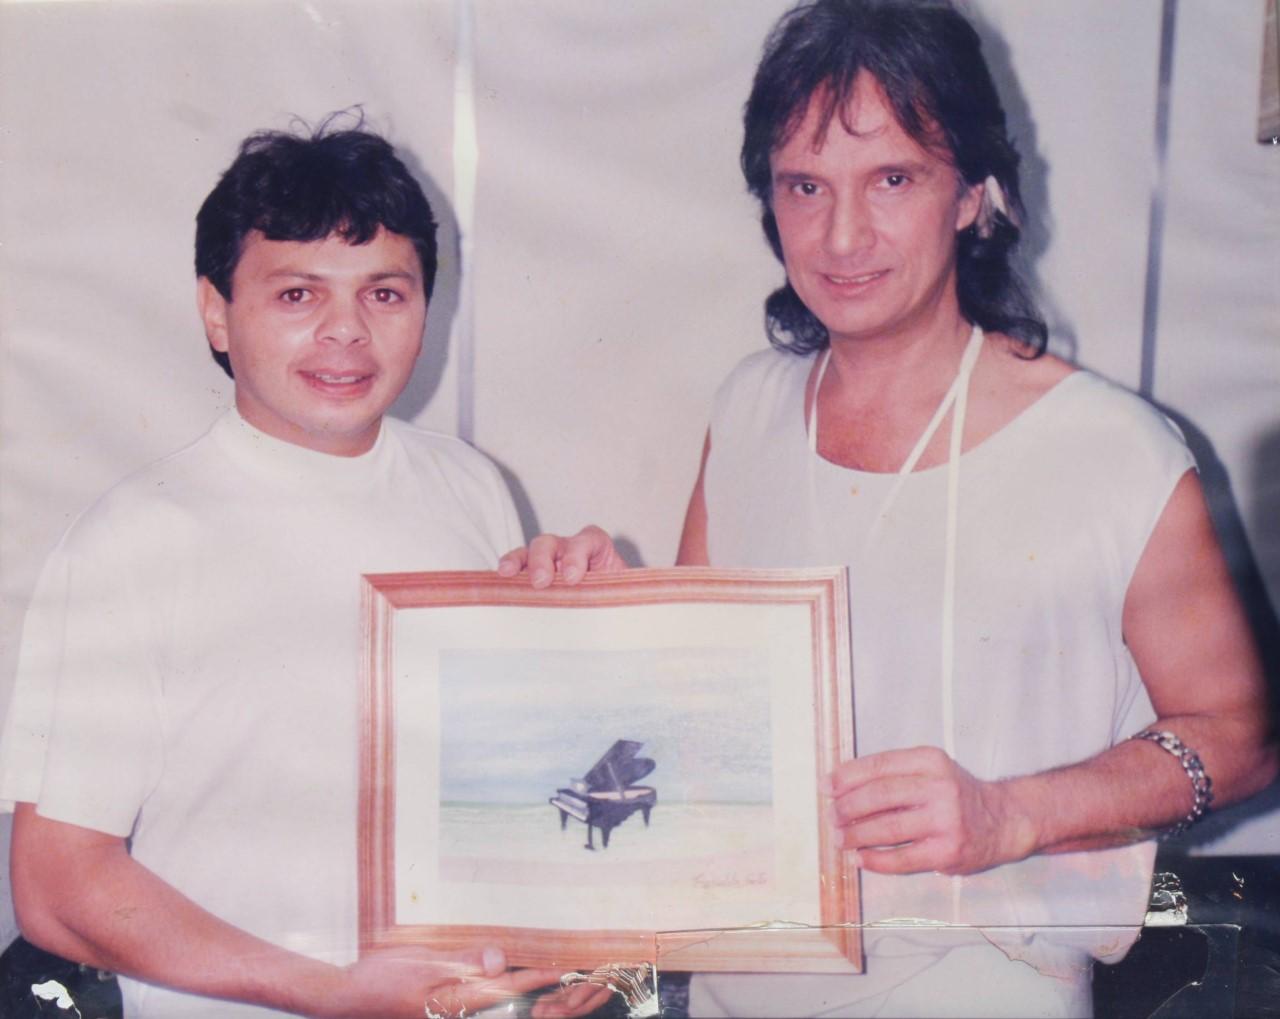 Everaldo de Oliveira Souto